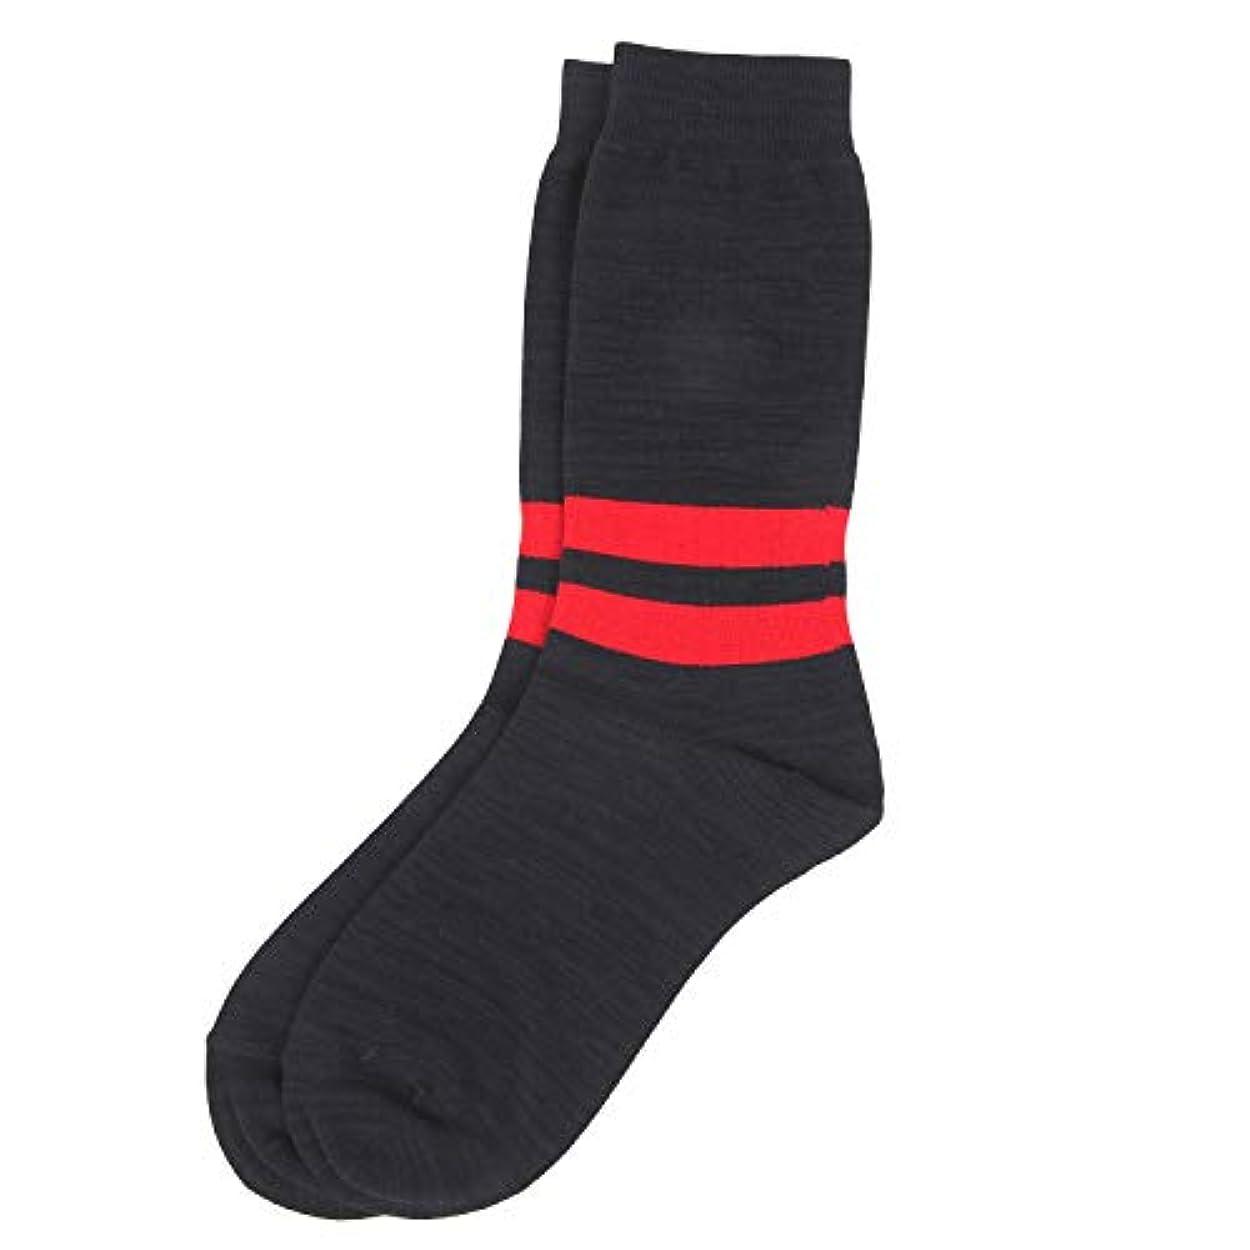 あさり宇宙のポーンDeol(デオル) ラインソックス 男性用 メンズ [足のニオイ対策] 長期間持続 日本製 無地 靴下 紺 25cm-27cm